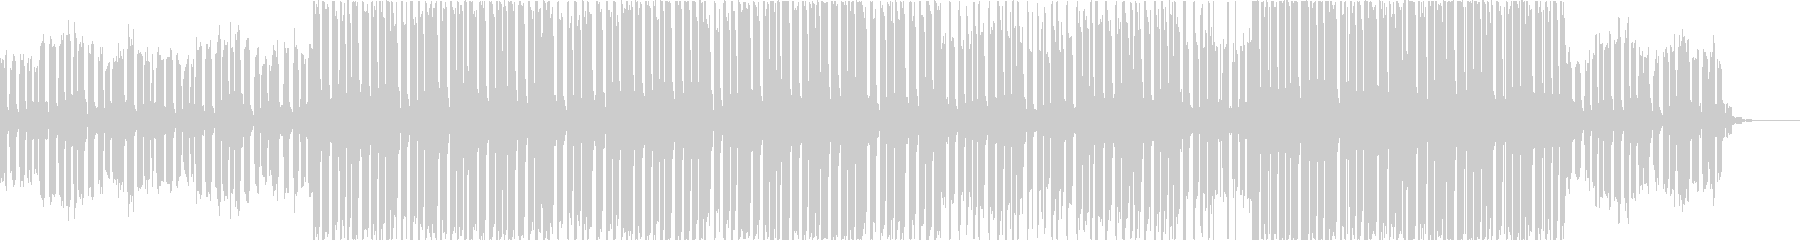 EDM系のサウンドで抑揚の少ない曲ですの未再生の波形